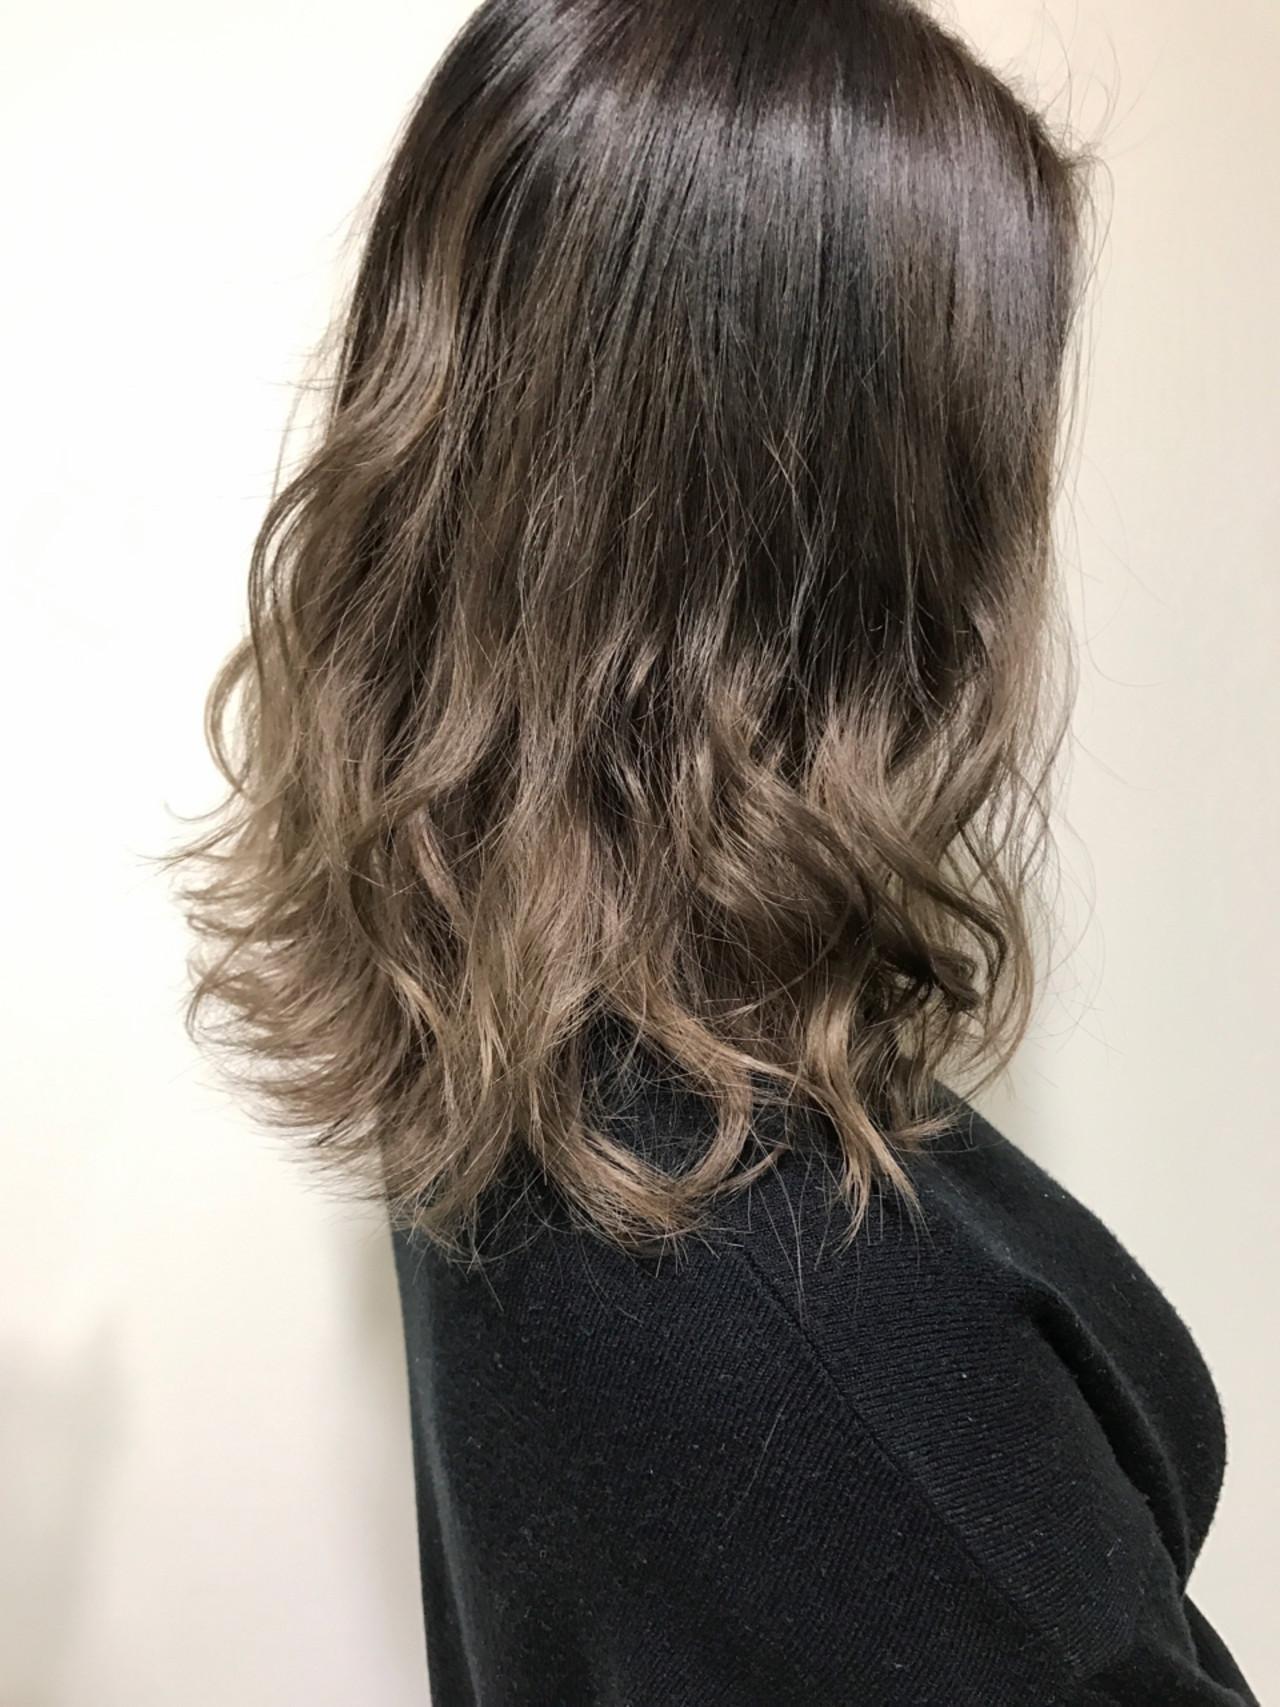 ボブ ガーリー ミディアム グラデーションカラー ヘアスタイルや髪型の写真・画像